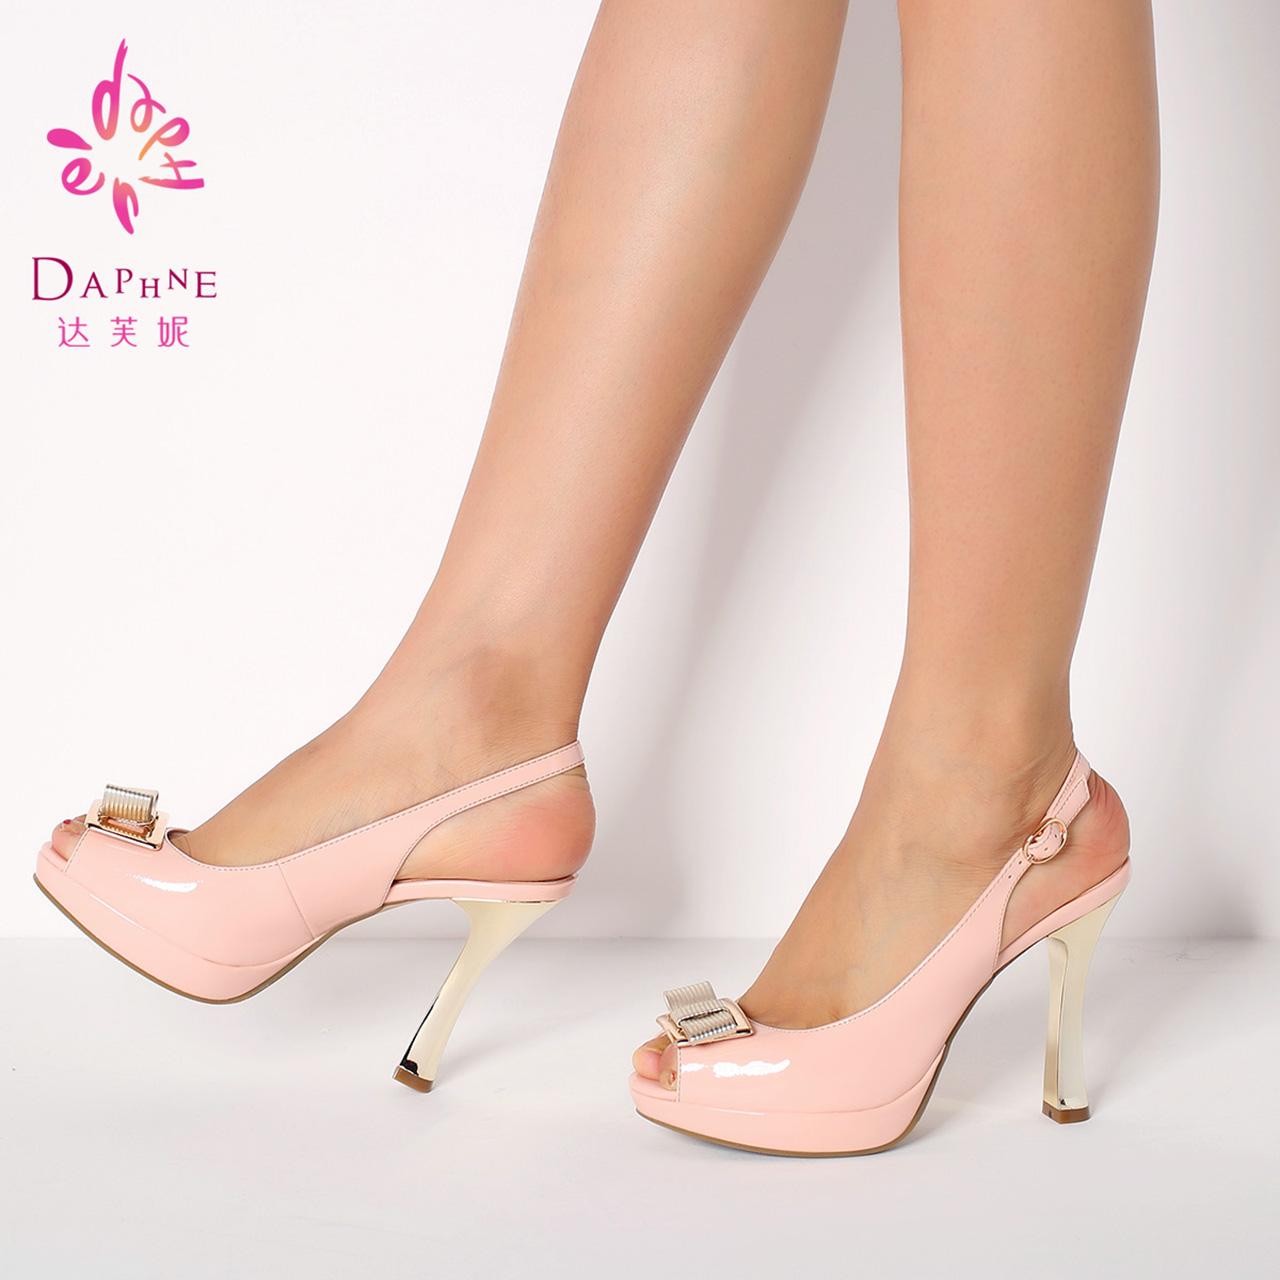 白色鱼嘴鞋 Daphne达芙妮夏季新款高跟鱼嘴凉鞋通勤OL白色优雅女细高跟鞋女_推荐淘宝好看的白色鱼嘴鞋